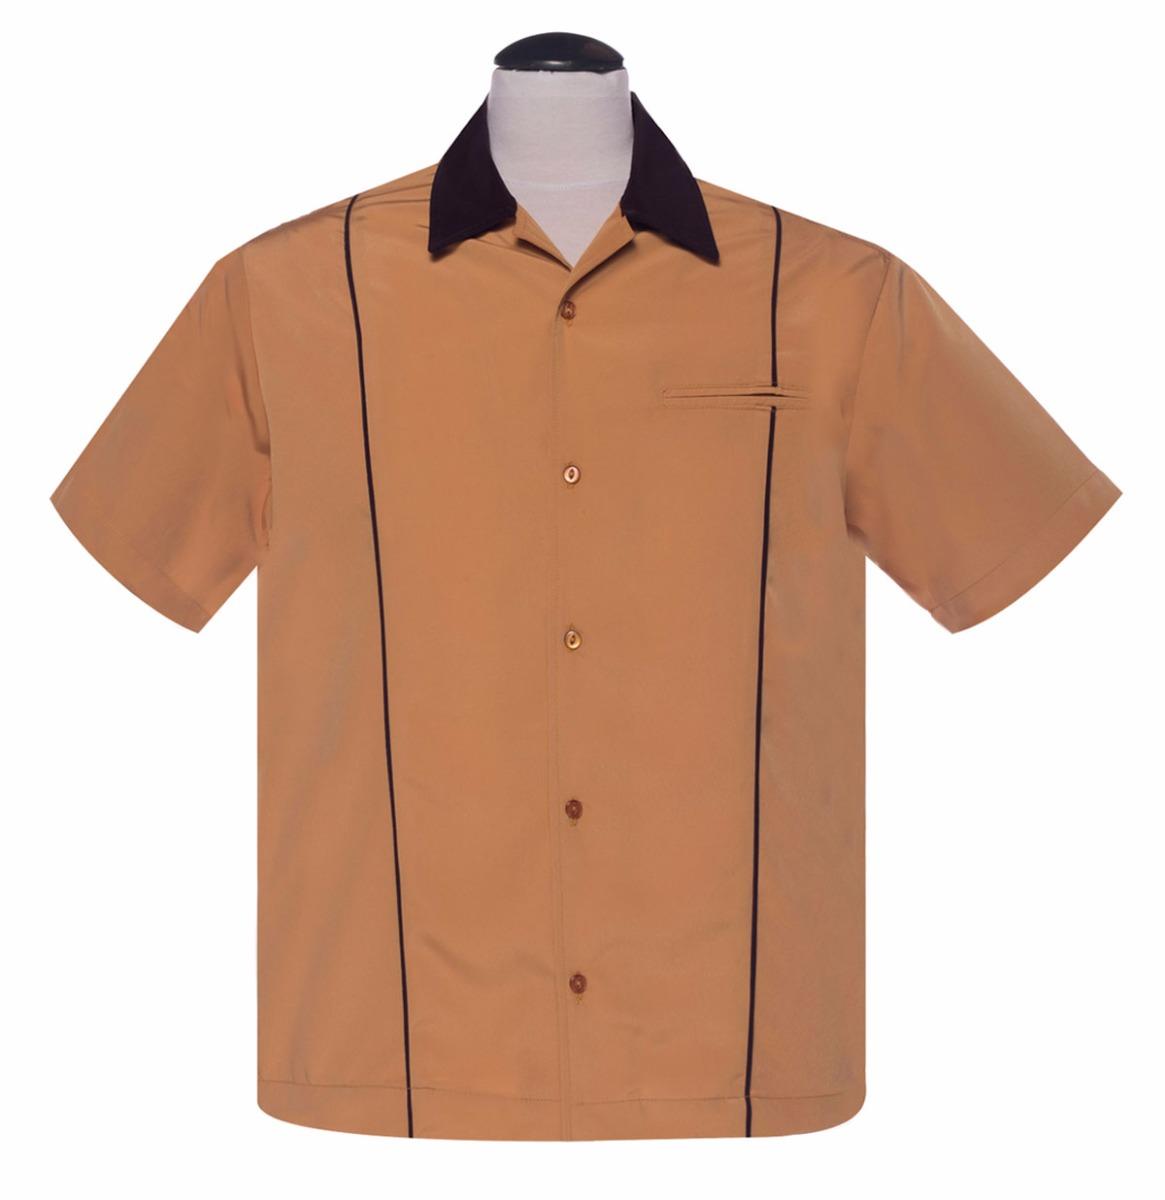 Classic Shirt The Shuckster Mustard